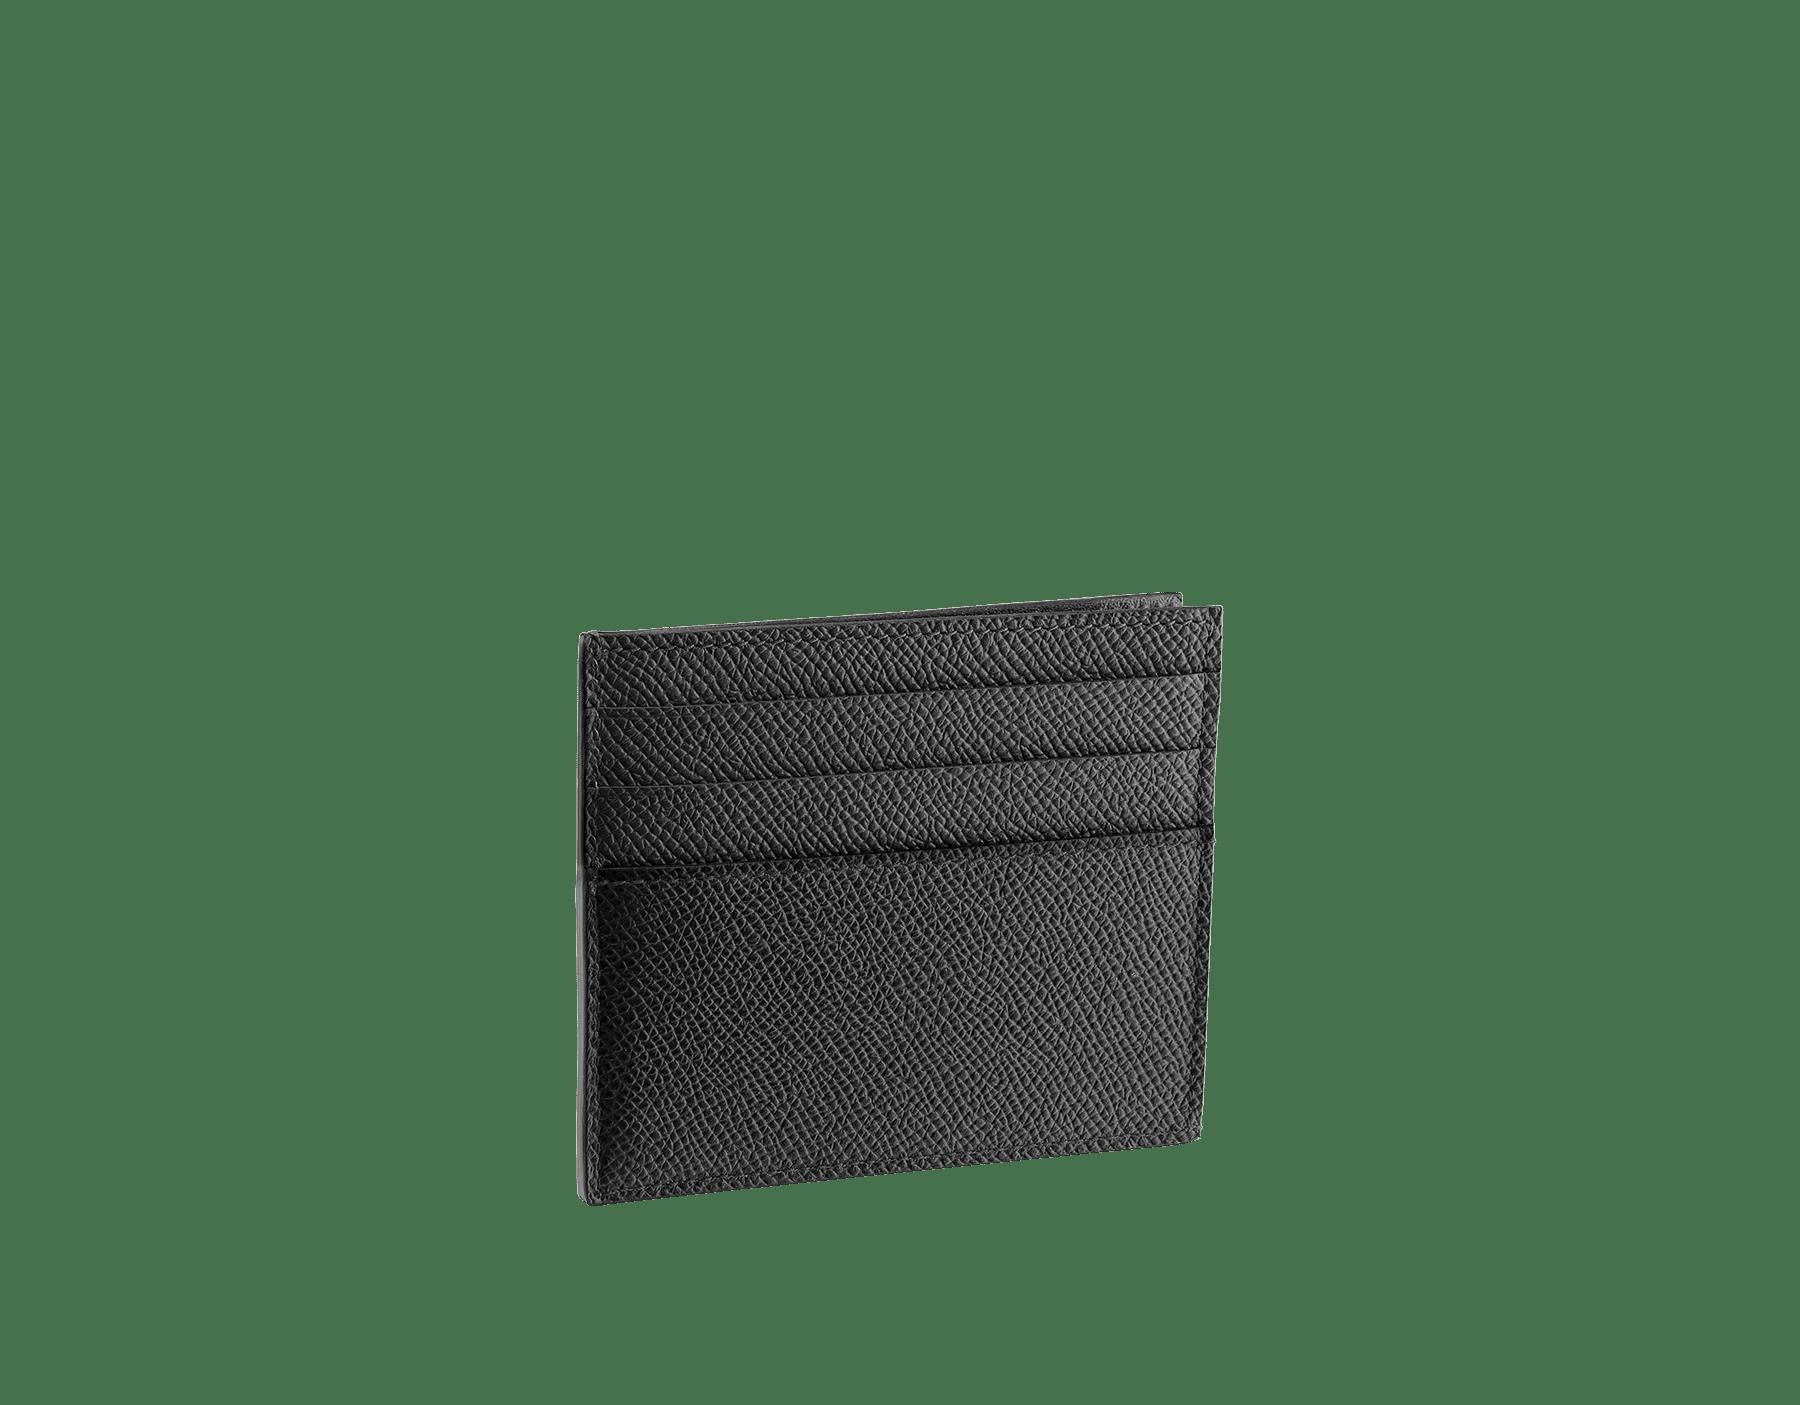 Étui pour cartes de crédit ouvert BVLGARI BVLGARI en cuir de veau grainé noir avec doublure en nappa noir. Emblématique logo Bvlgari en laiton plaqué palladium. 288524 image 2